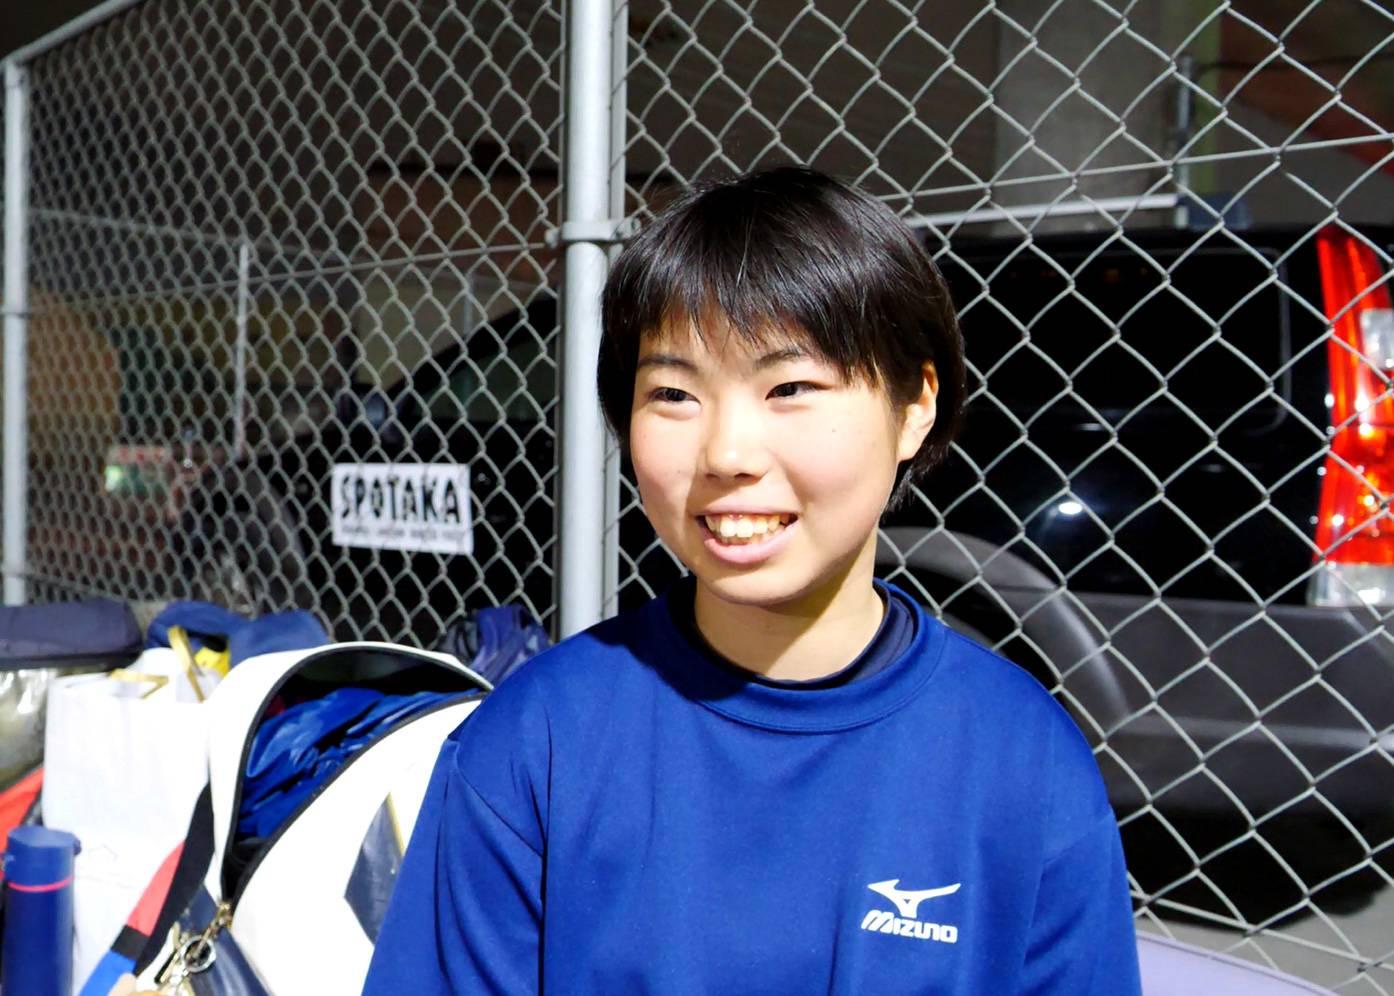 現役女子ソフトボール【Primrose】有望選手インタビュー!全国大会の裏側も聞いちゃいました!